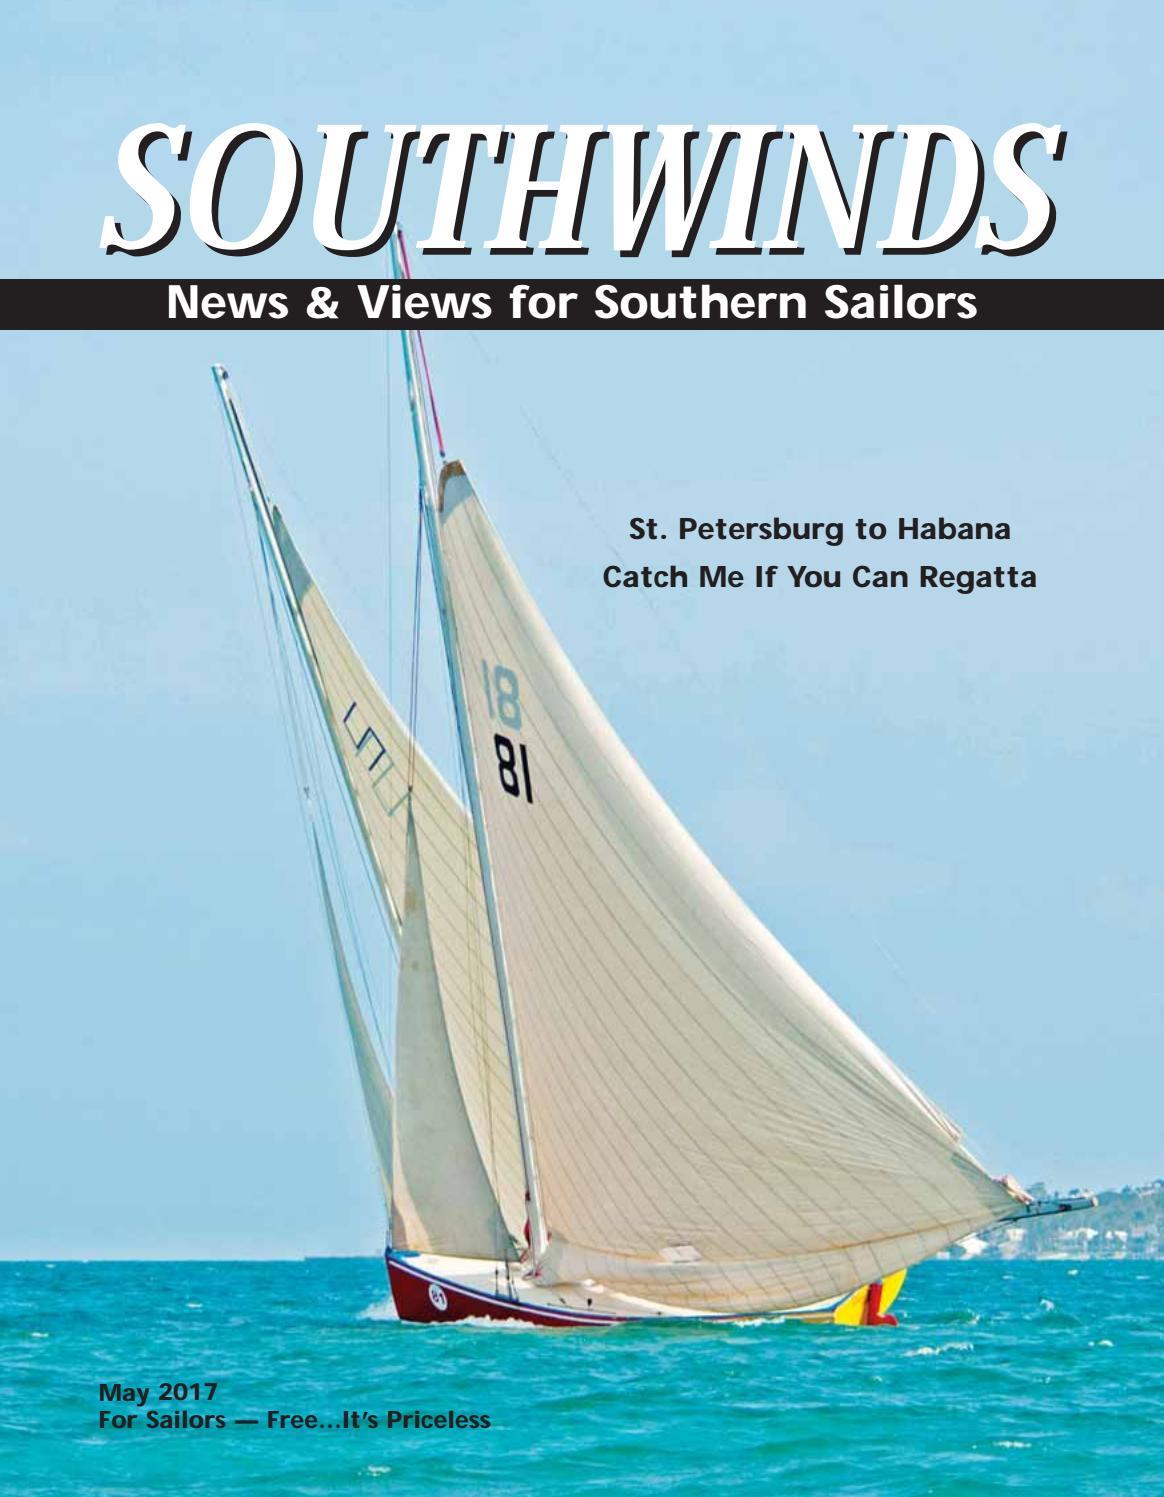 Southwinds May 2017 By SOUTHWINDS Magazine Issuu